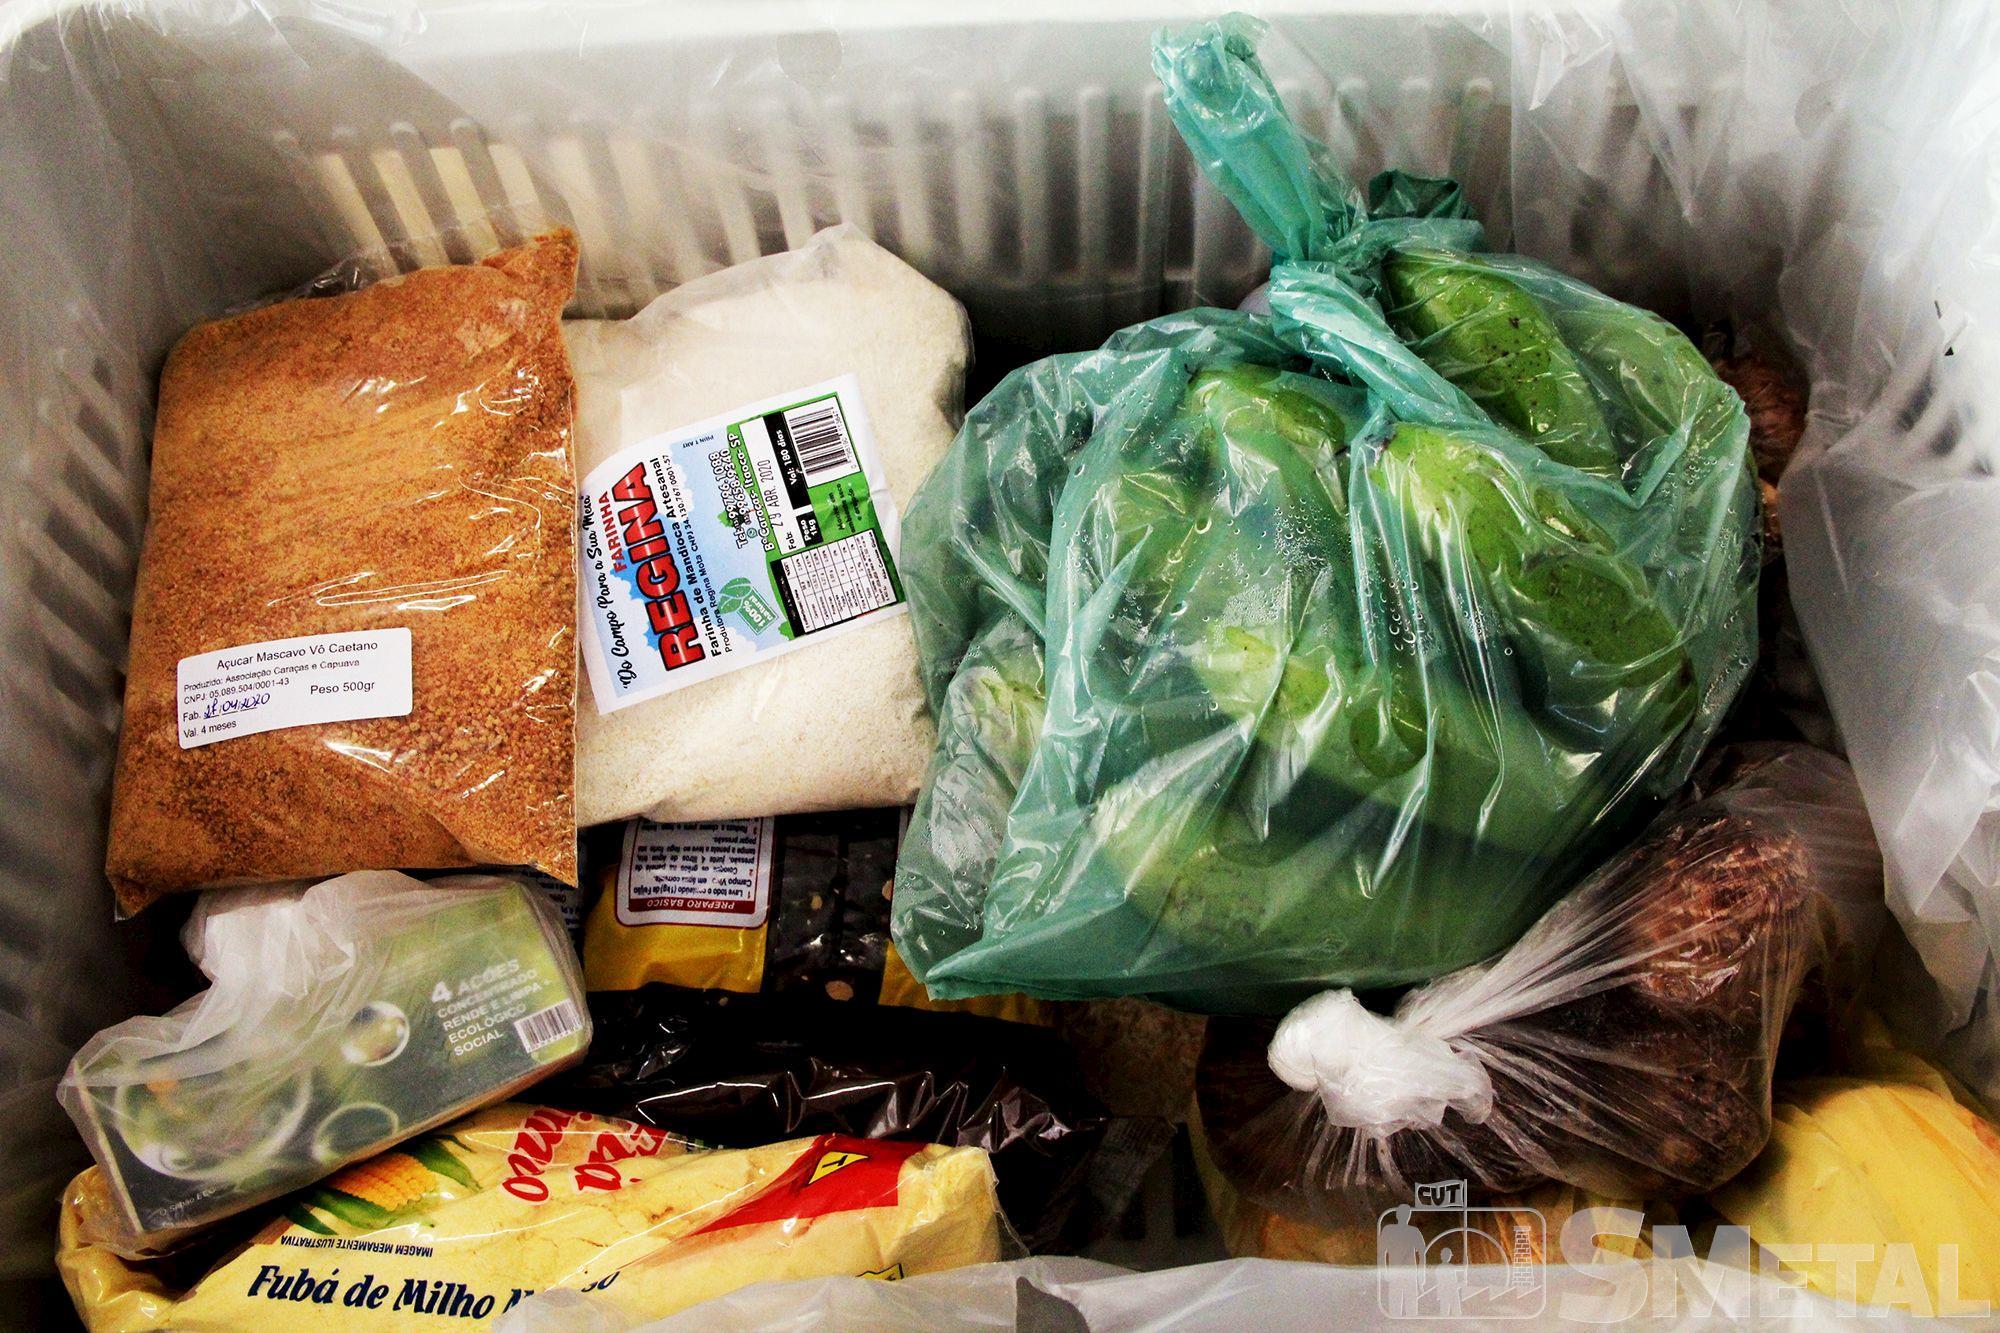 Jônatas Rosa/Imprensa SMetal , Ação distribui 75 toneladas de alimentos para famílias carentes